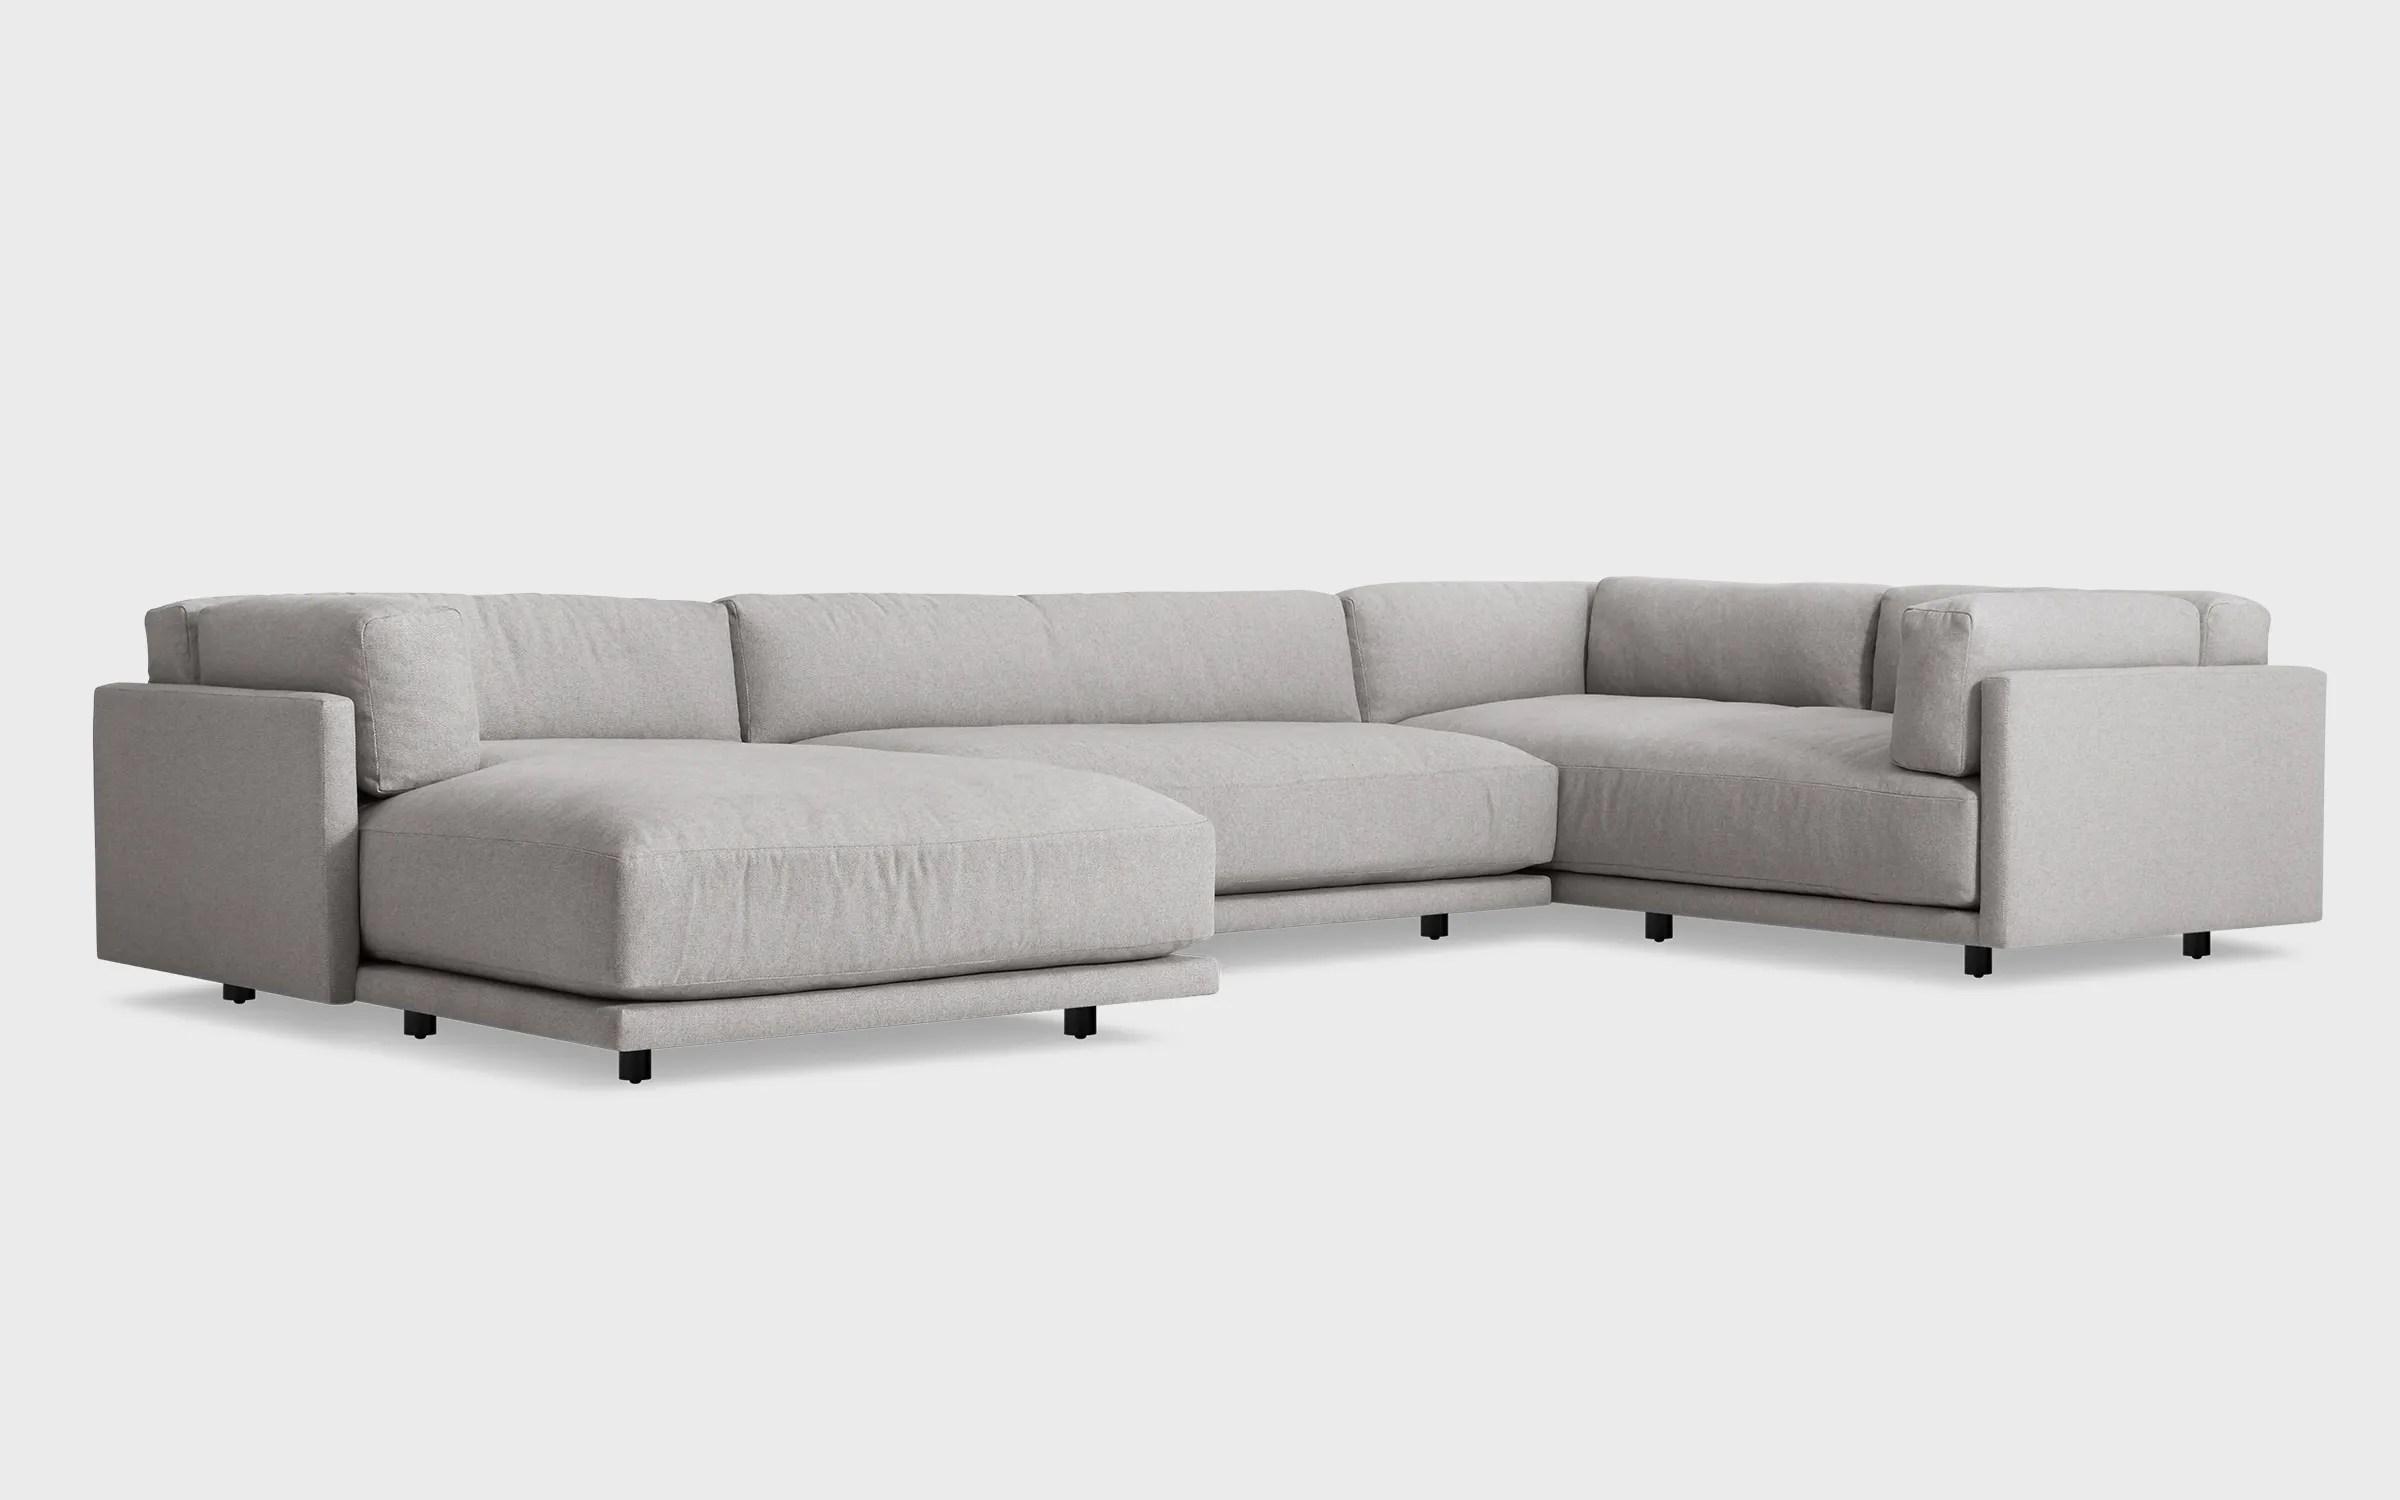 sofa w chaise roche bobois replica braxton wg r furniture thesofa